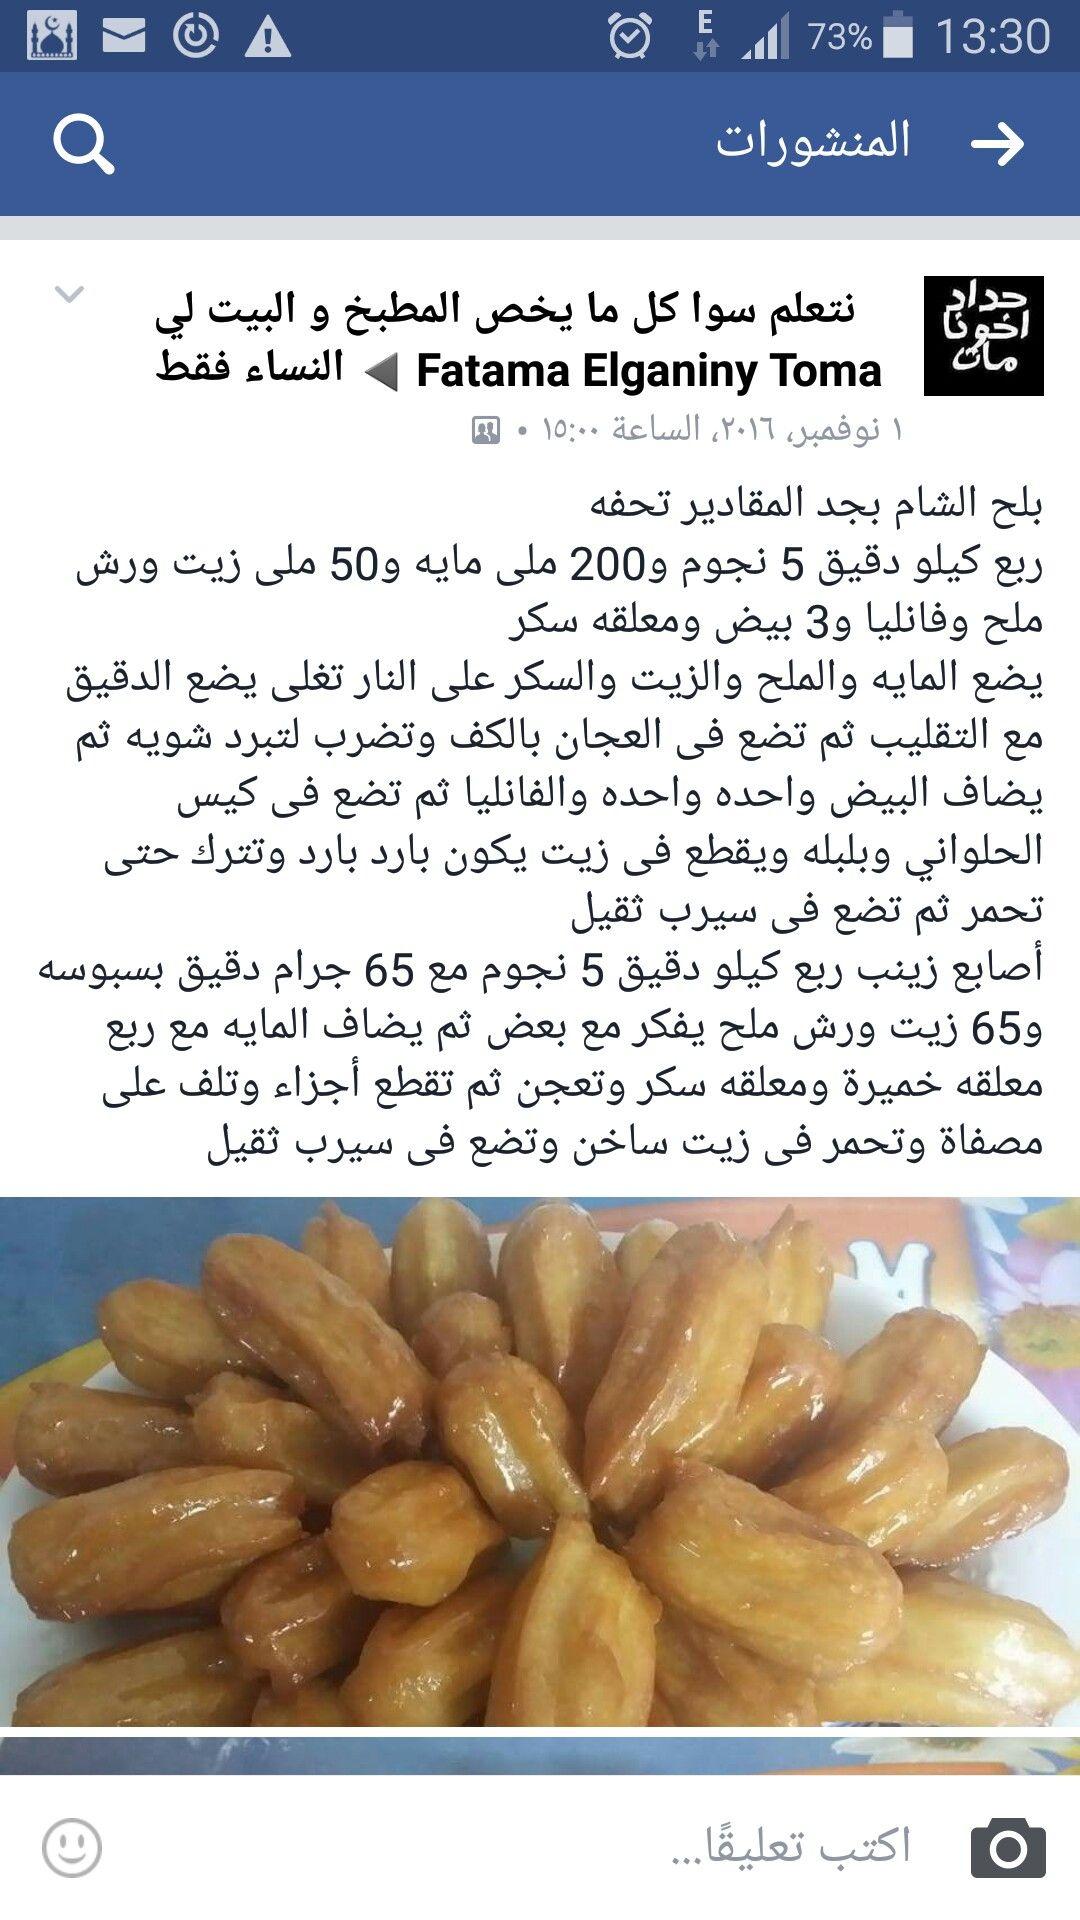 بلح الشام و أصابع زينب   Arabic dessert, Dessert recipes, Food